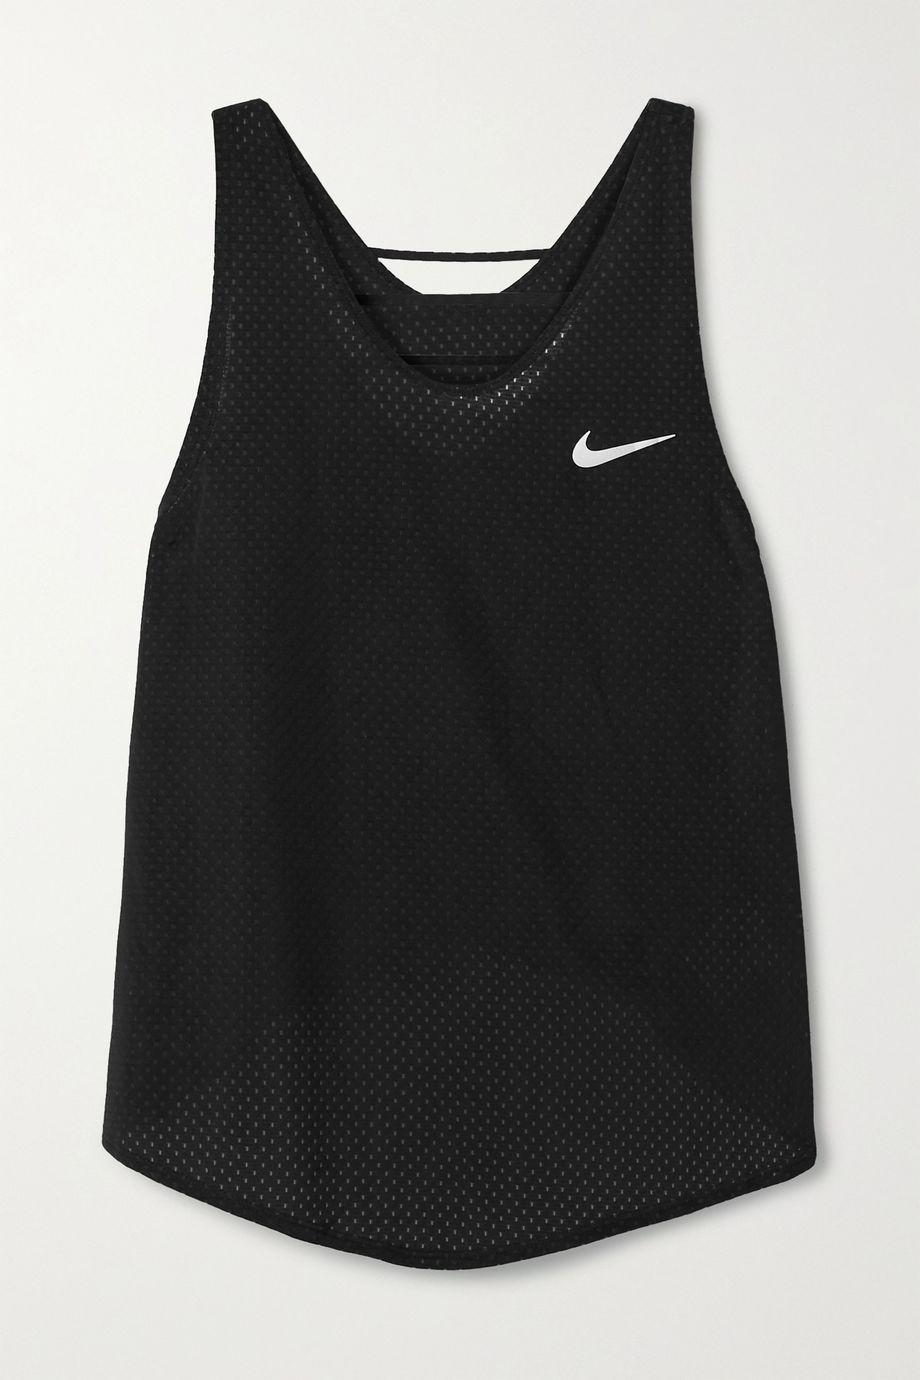 Nike Breathe Dri-FIT mesh tank